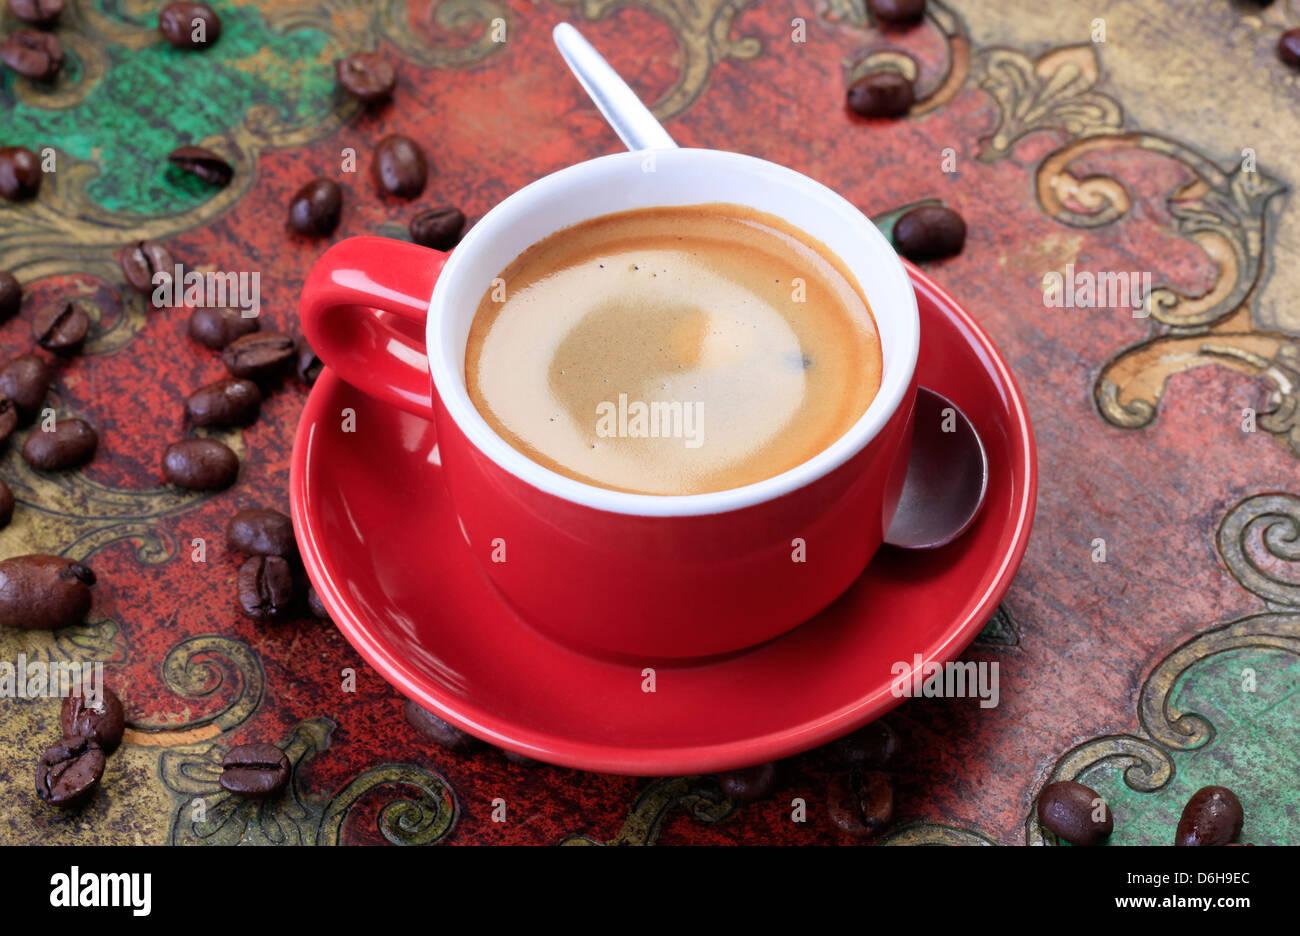 Tazza di caffè liscio con schiuma marrone Immagini Stock